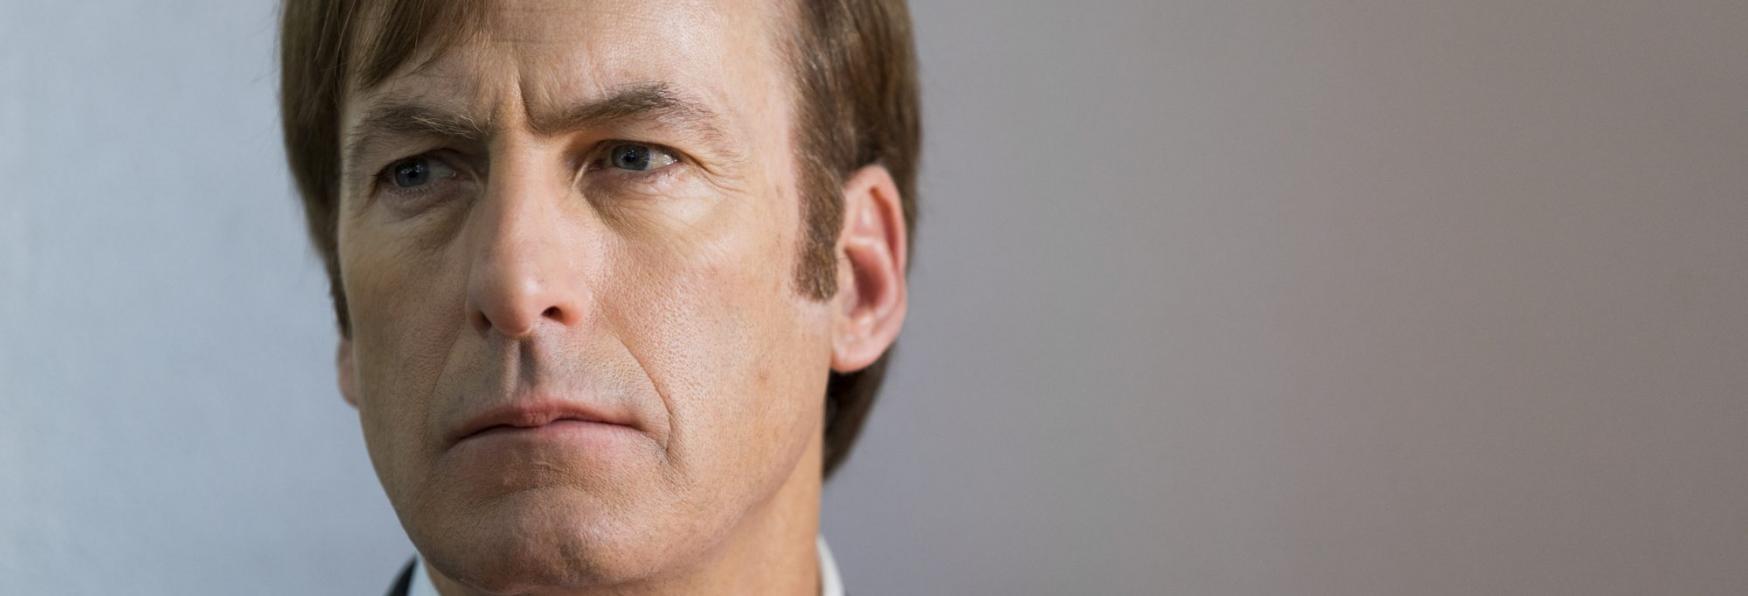 Better Call Saul: AMC annuncia la Produzione di Slippin' Jimmy, lo Spin-Off...dello Spin-Off!